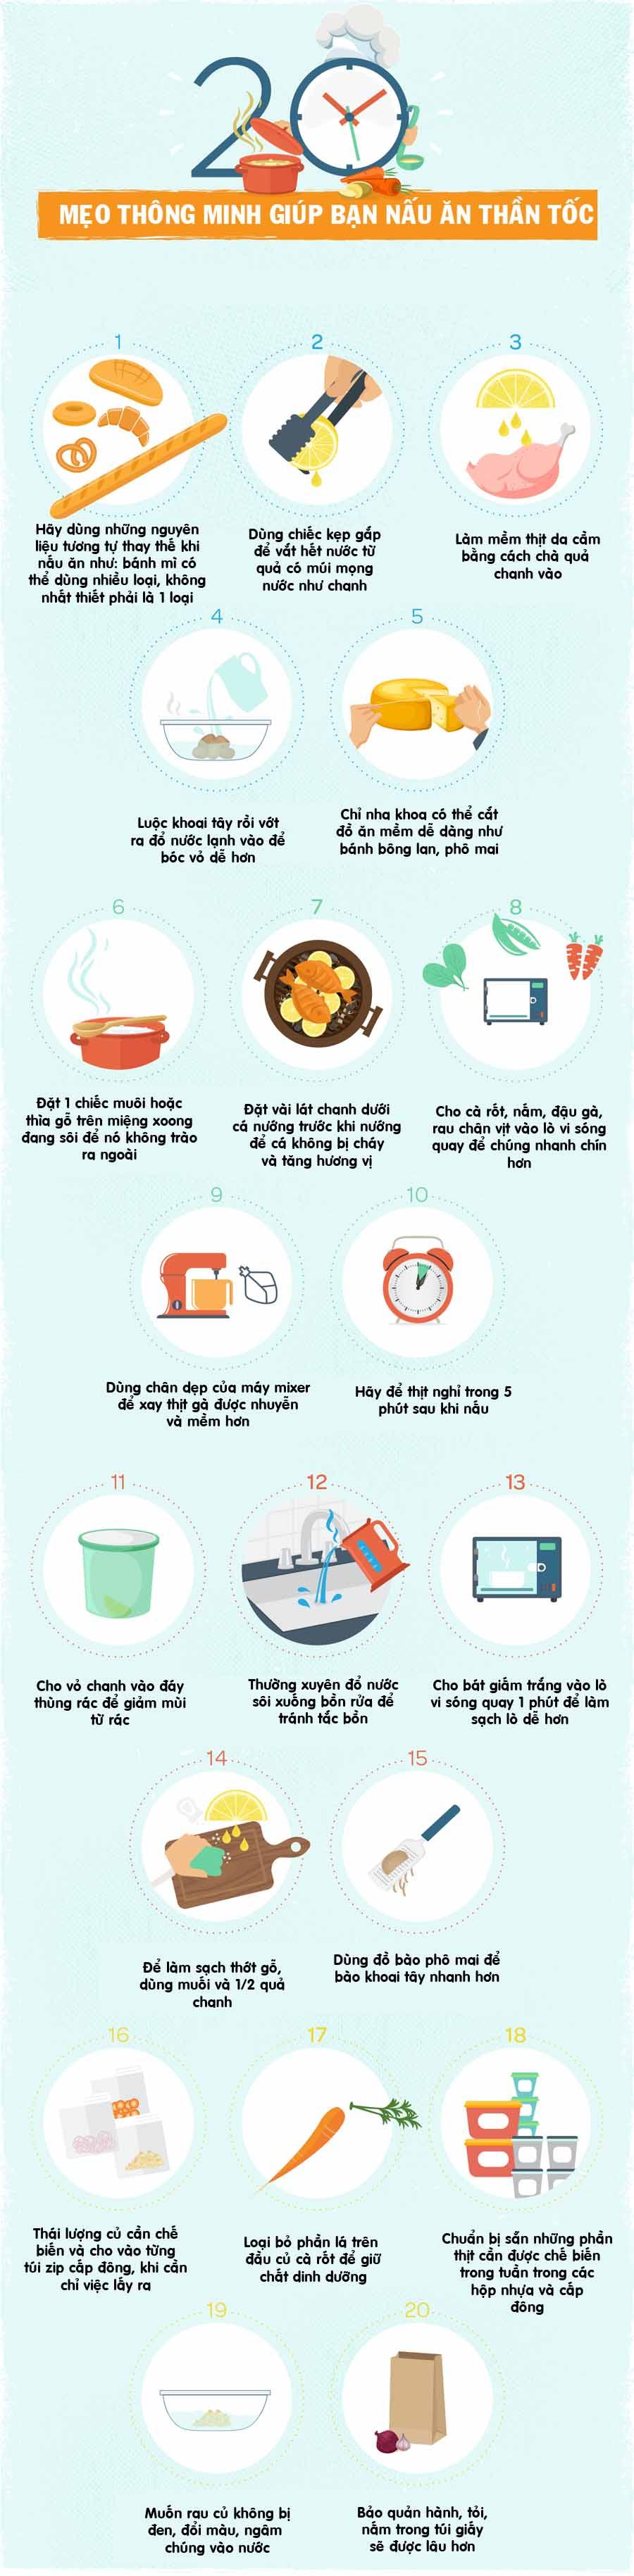 20 mẹo làm bếp giúp bạn nấu ăn thần tốc, ngon hơn ngoài hàng - 1